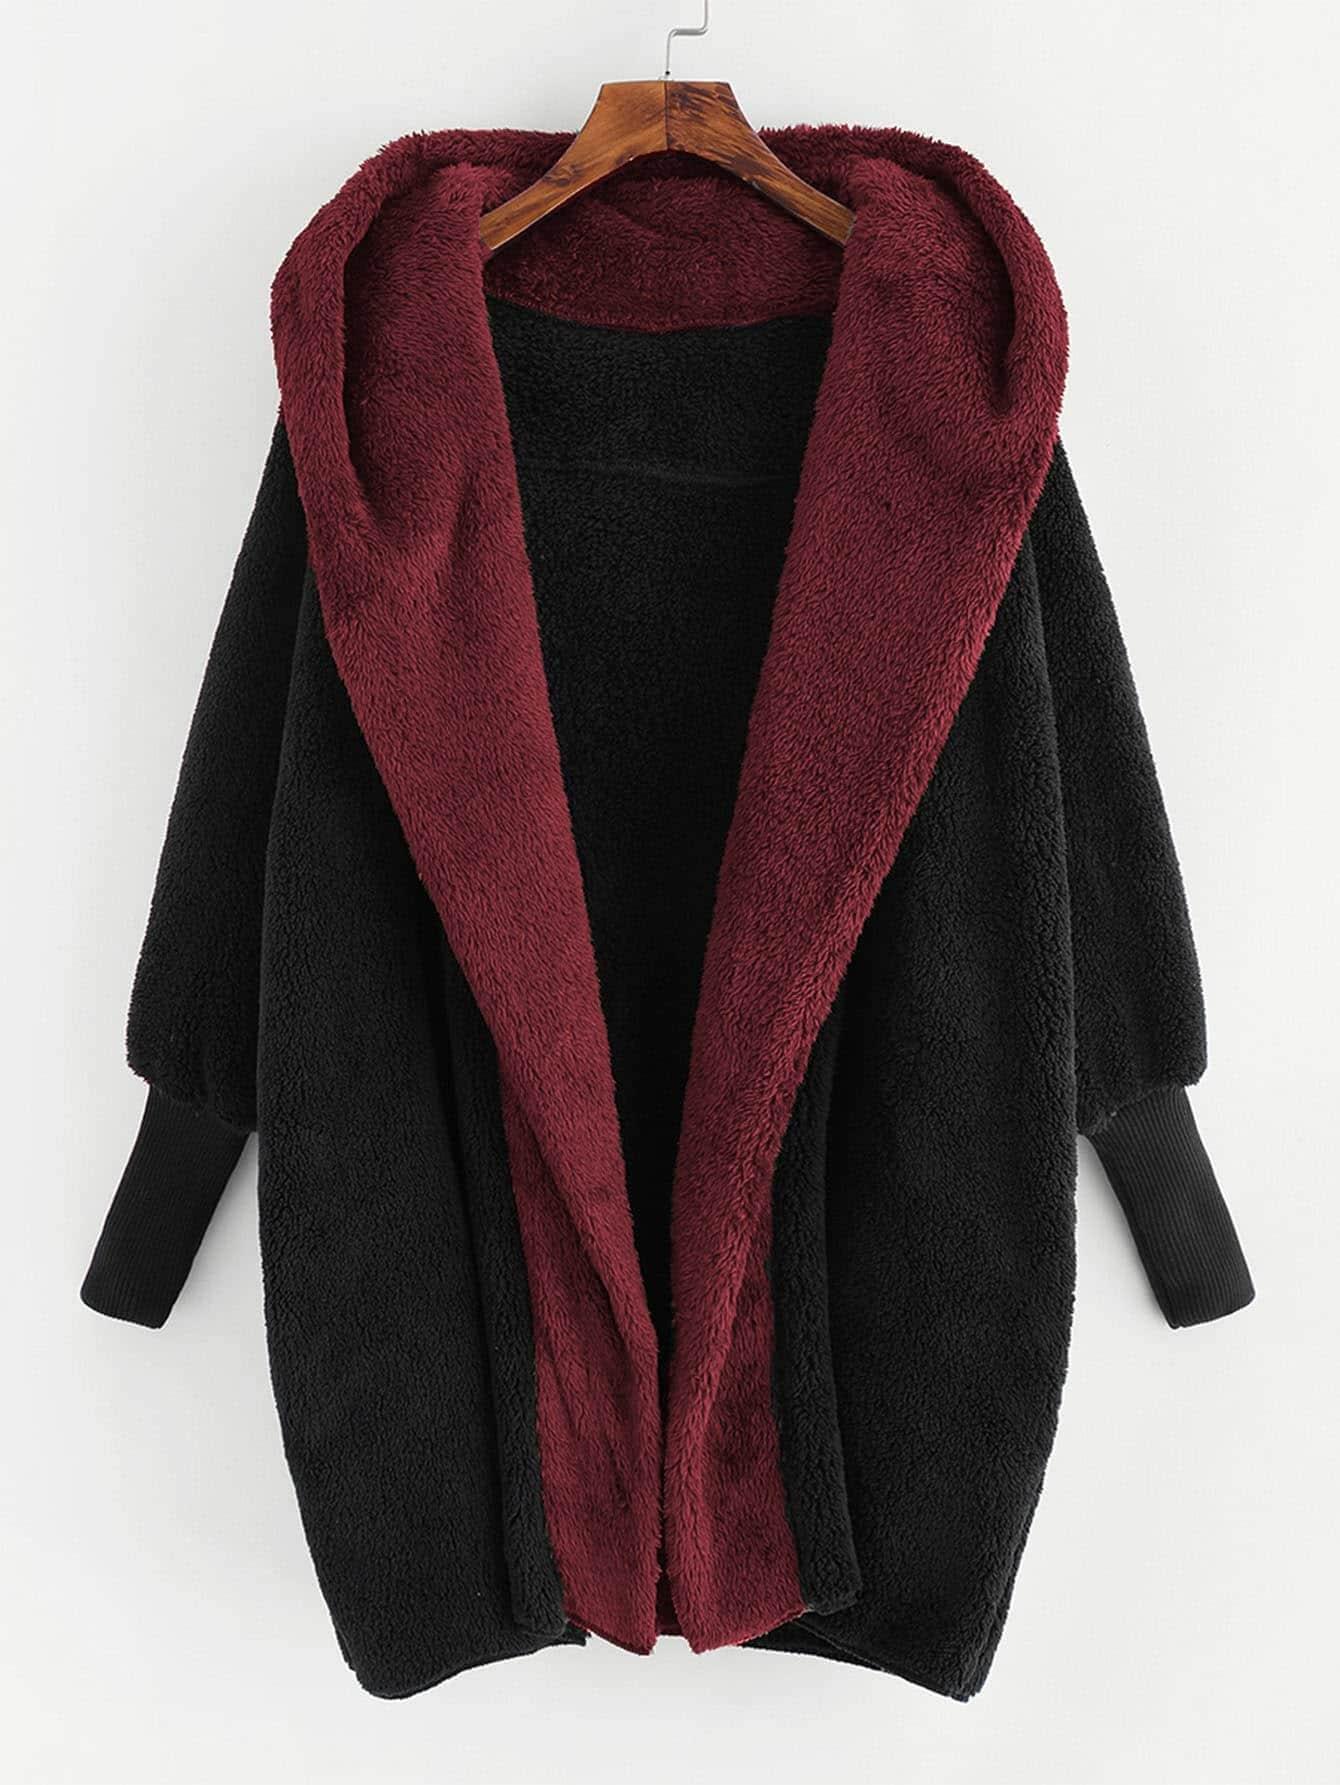 Купить Открытое пальто тедди с капюшоном из искусственных кож, null, SheIn